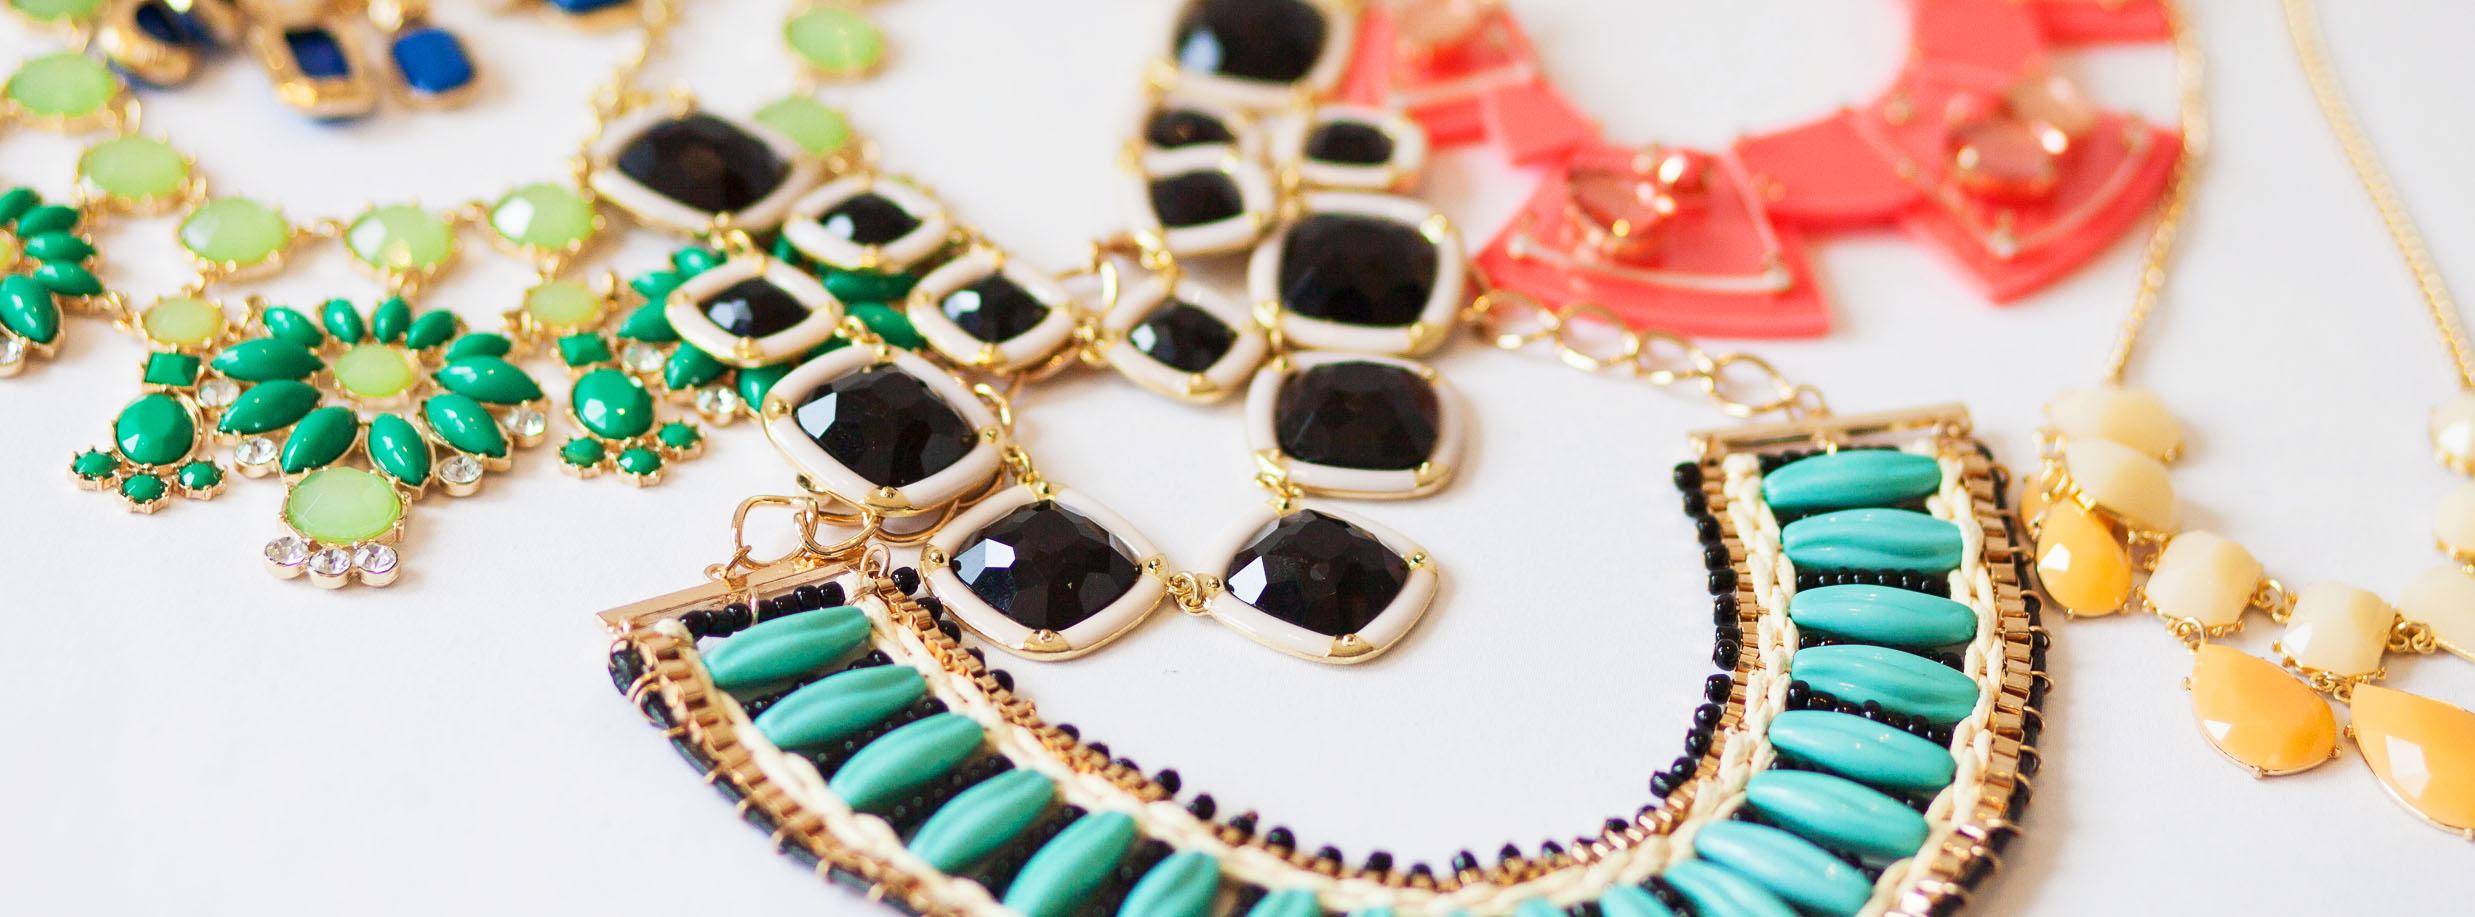 6 nguồn hàng phụ kiện thời trang giá sỉ cần phải biết nếu muốn bán hàng có lãi